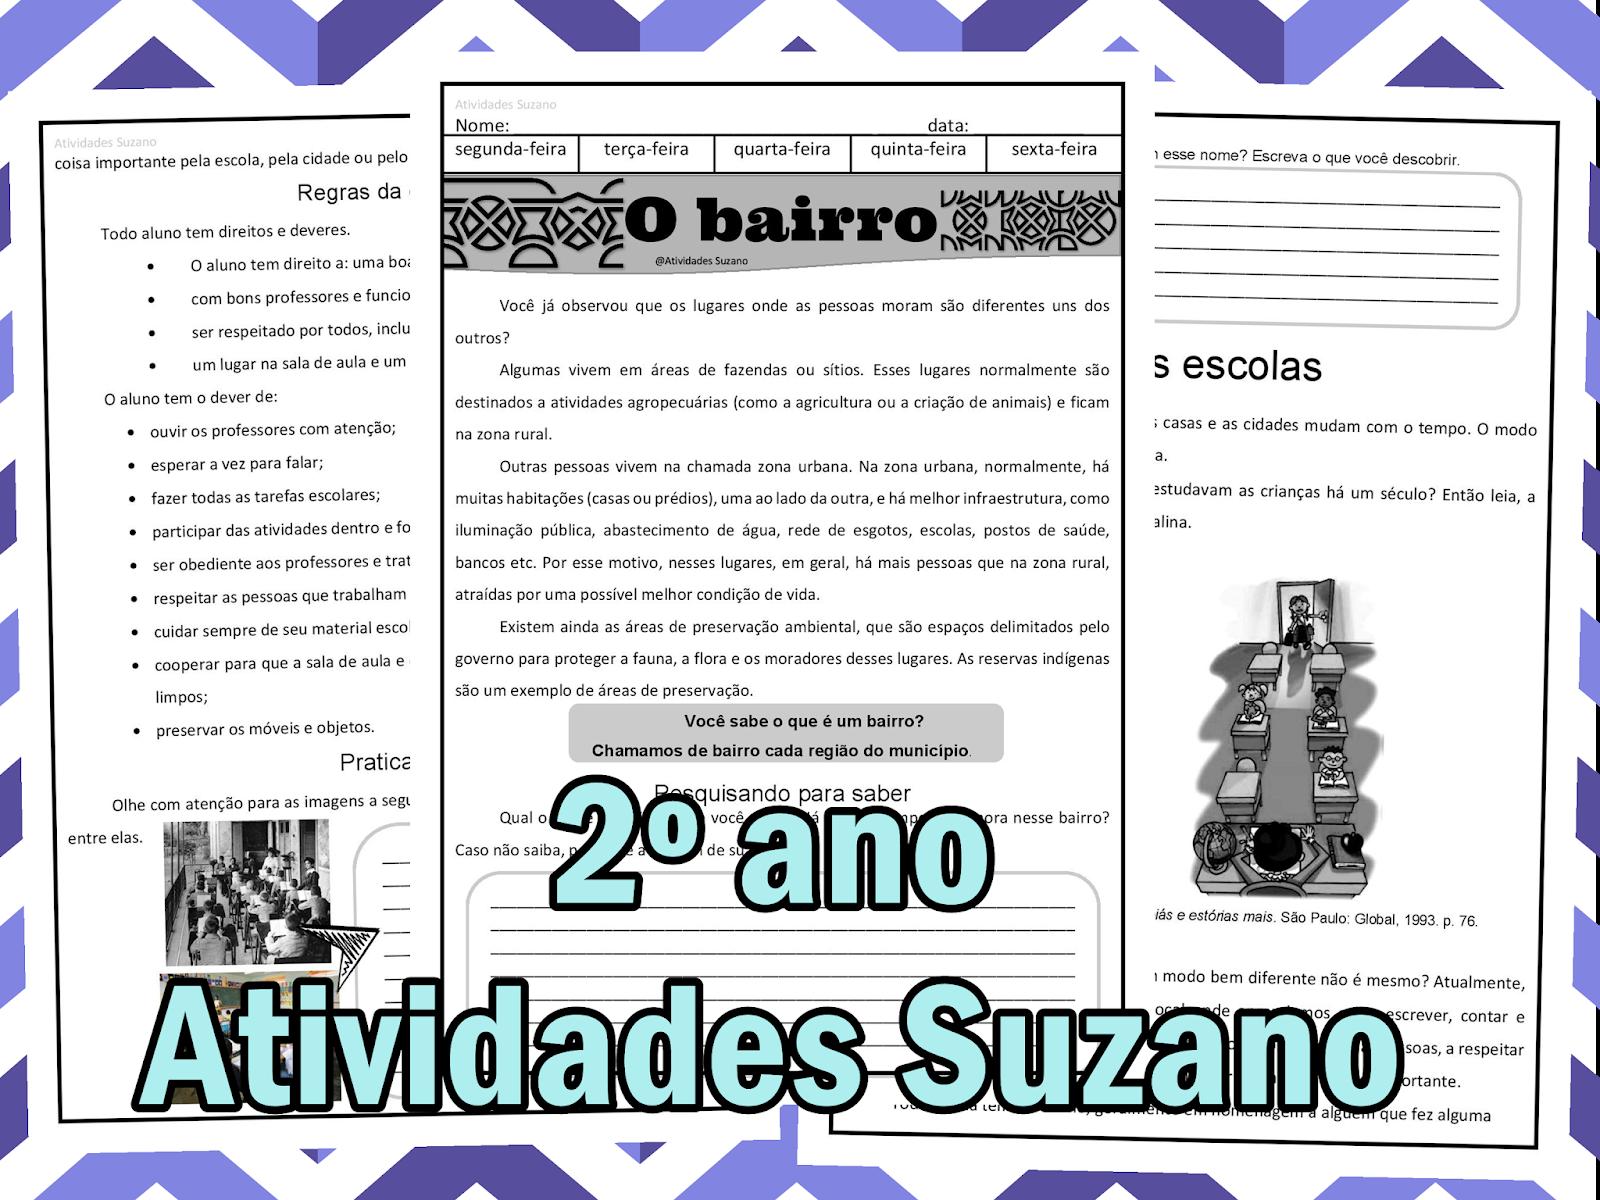 23 09 B 1 Atividades Preparatórias 2 Ofertas: Atividades Pedagogica Suzano: Geografia